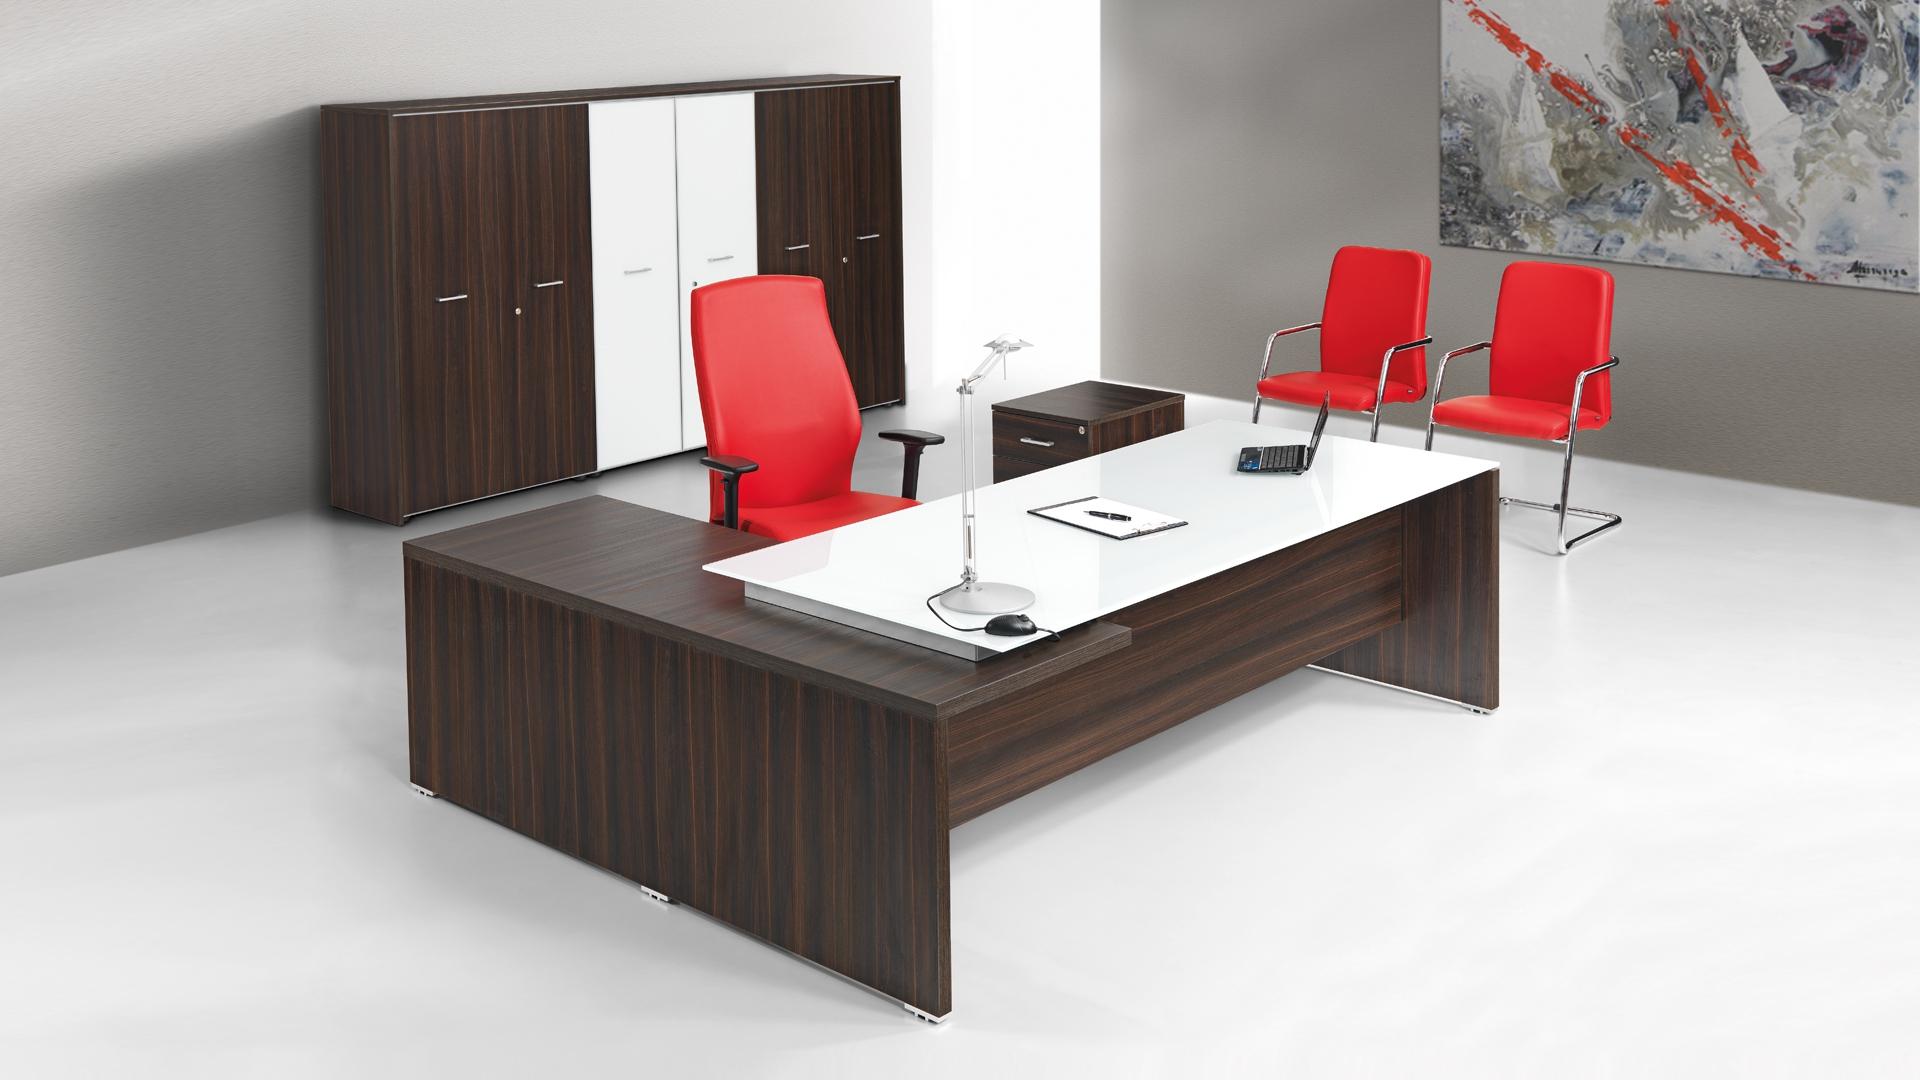 Mobili ed accessori per ufficio accademia polacca for Produzione mobili ufficio